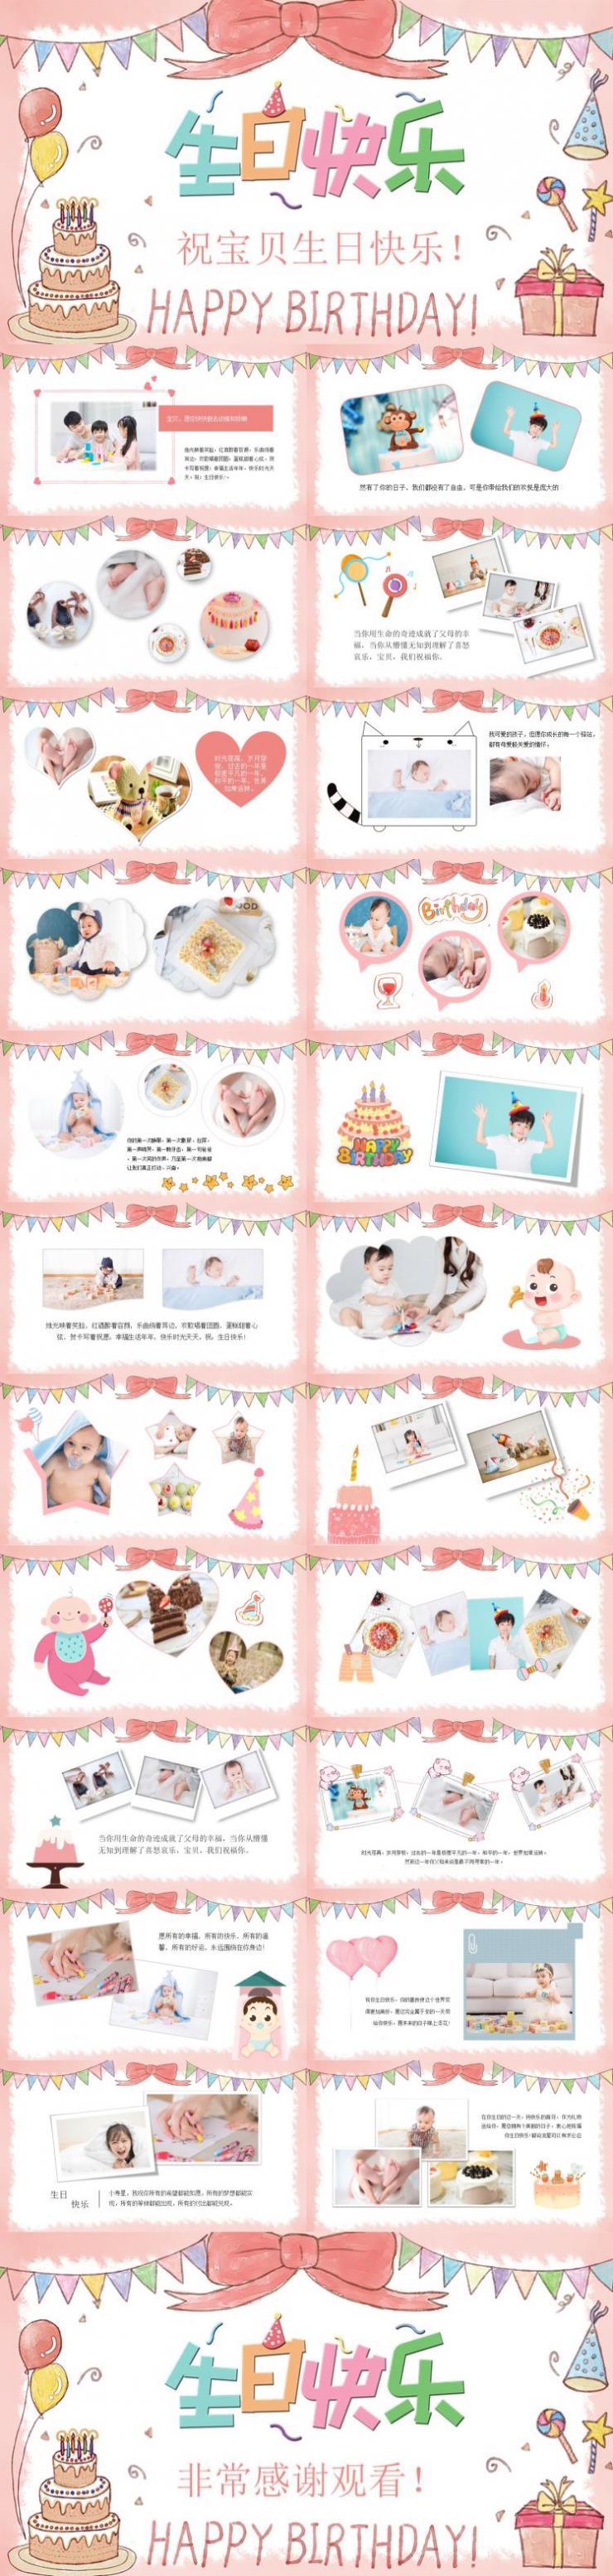 生日快乐PPT模板下载